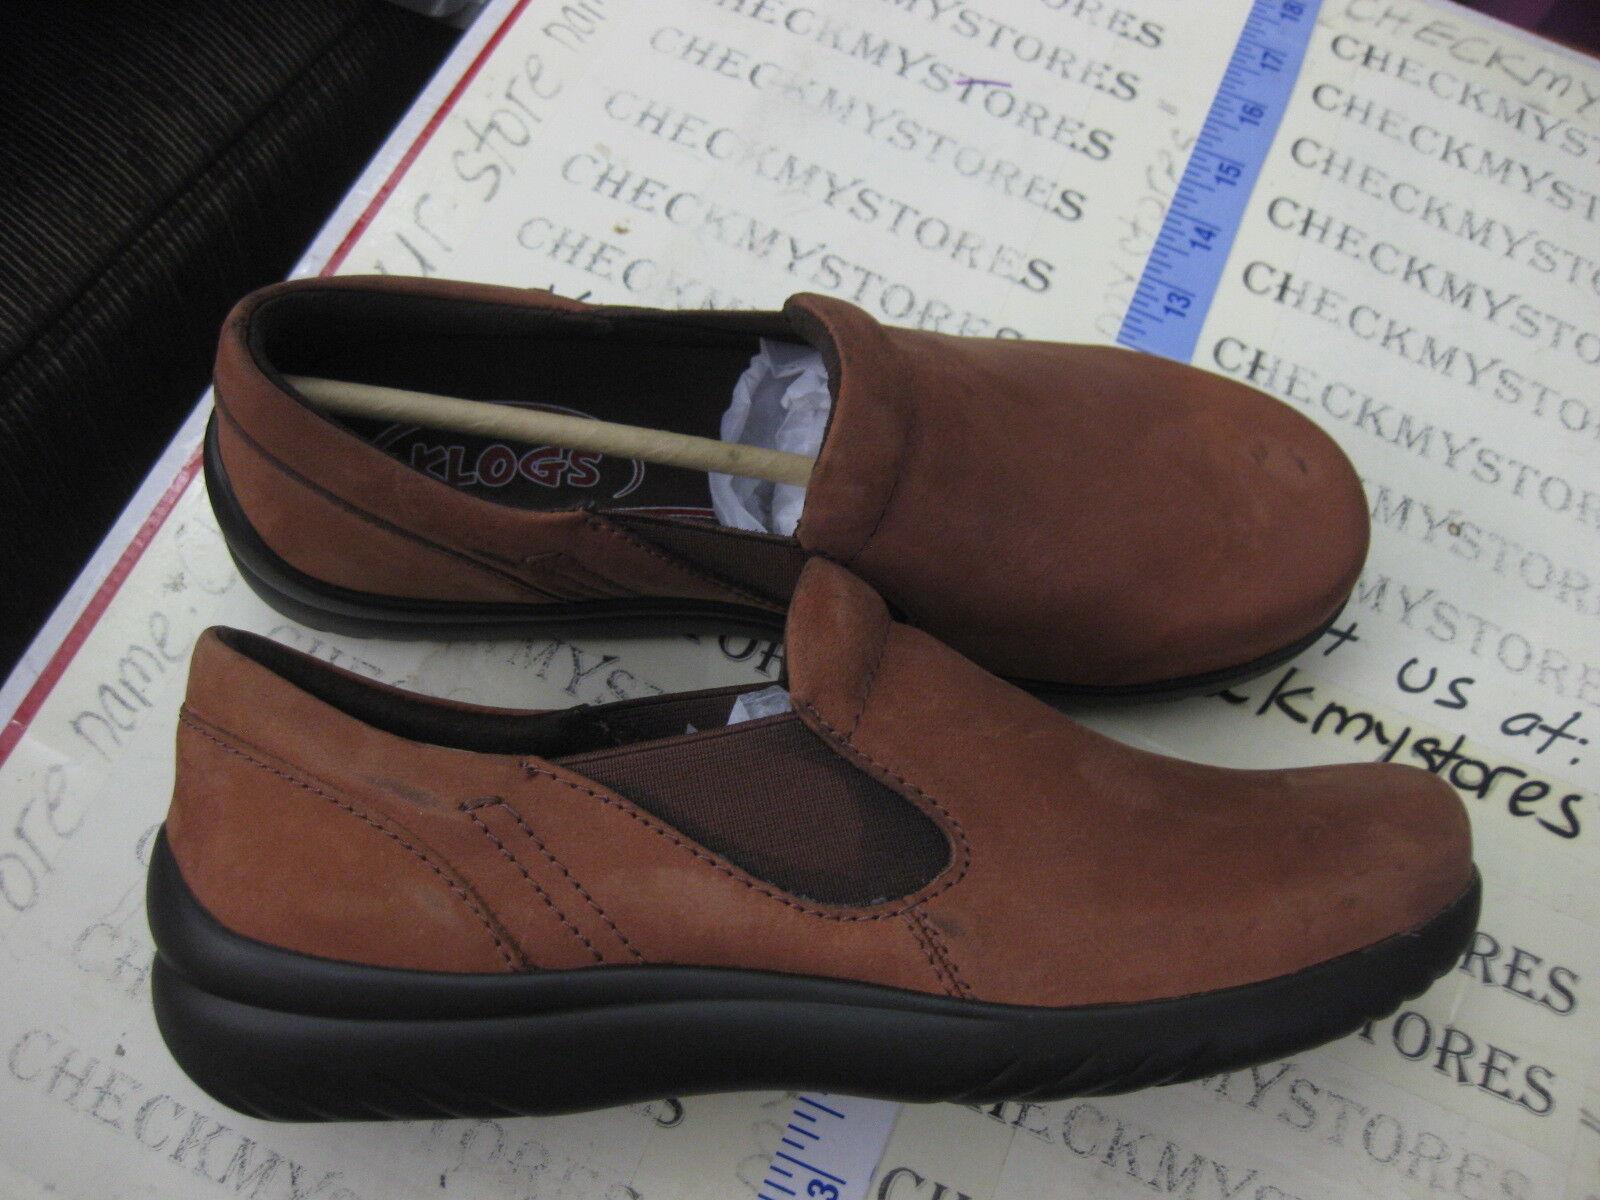 Nuevo klogs Ginebra Wow Gamuza Comodidad Cuero De Gamuza Wow Zapatos albarcas elegir colores/tamaños a6661f